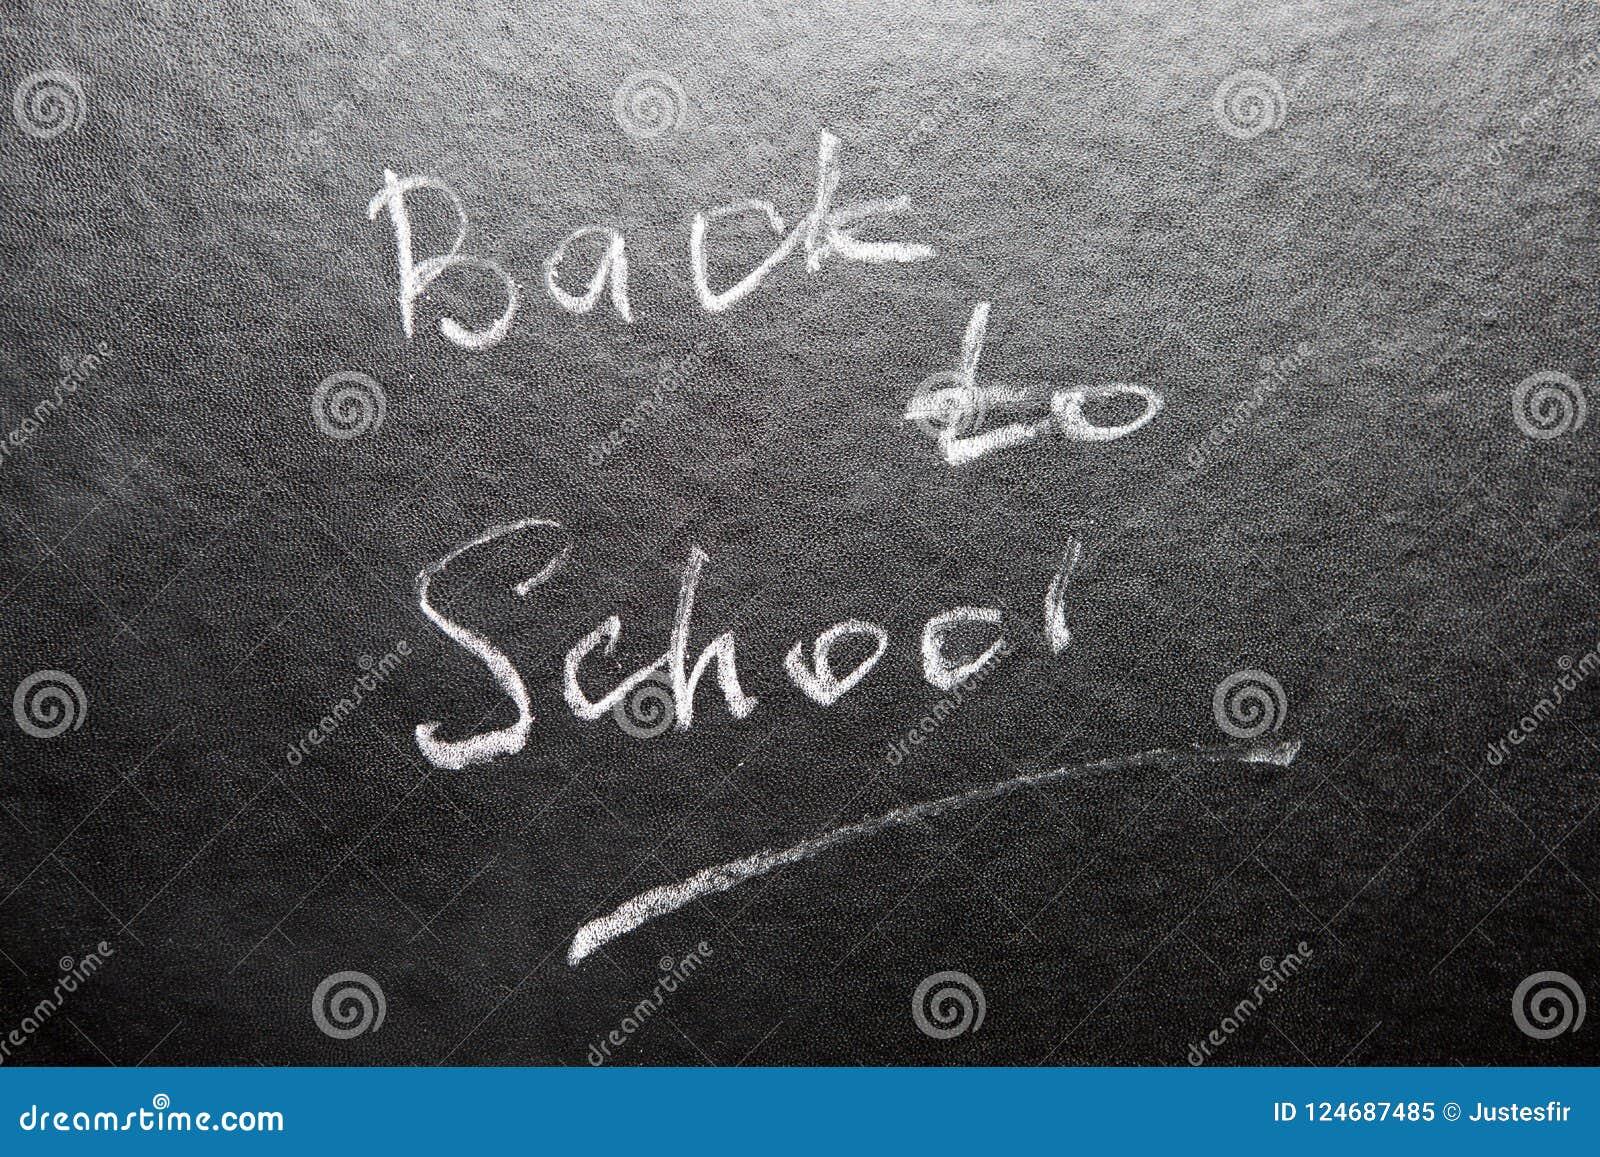 Terug naar school - woorden op bord met krijt